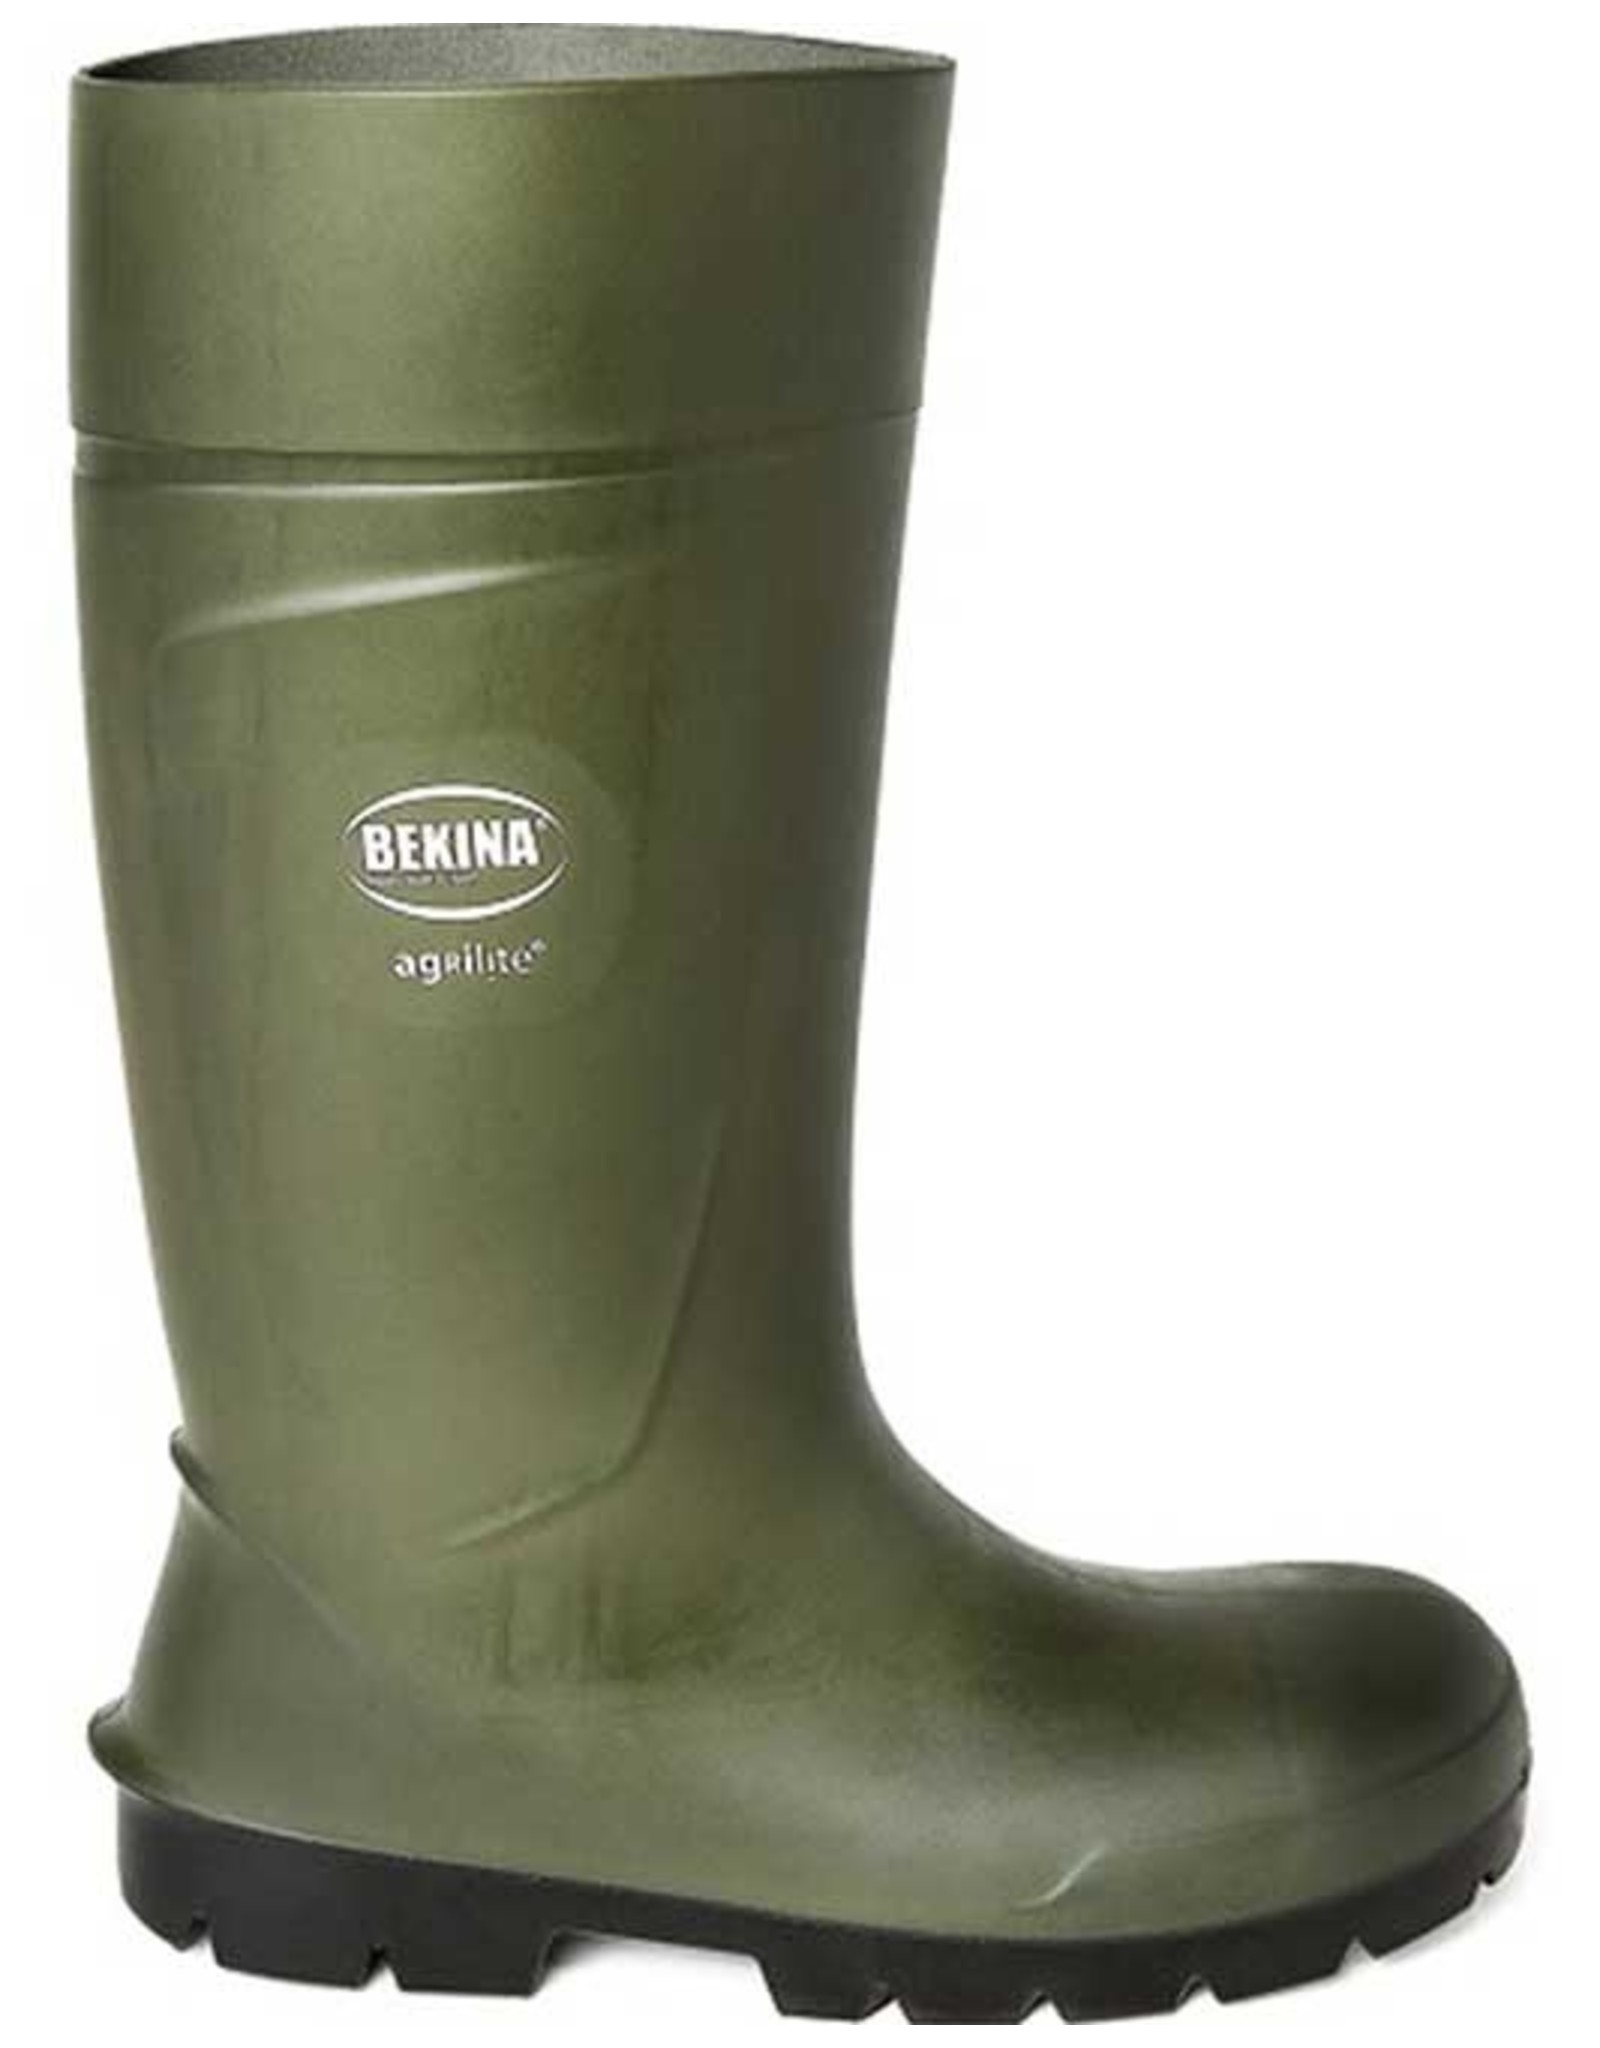 Bekina BEKINA Steplite Easygrip S5 Groen